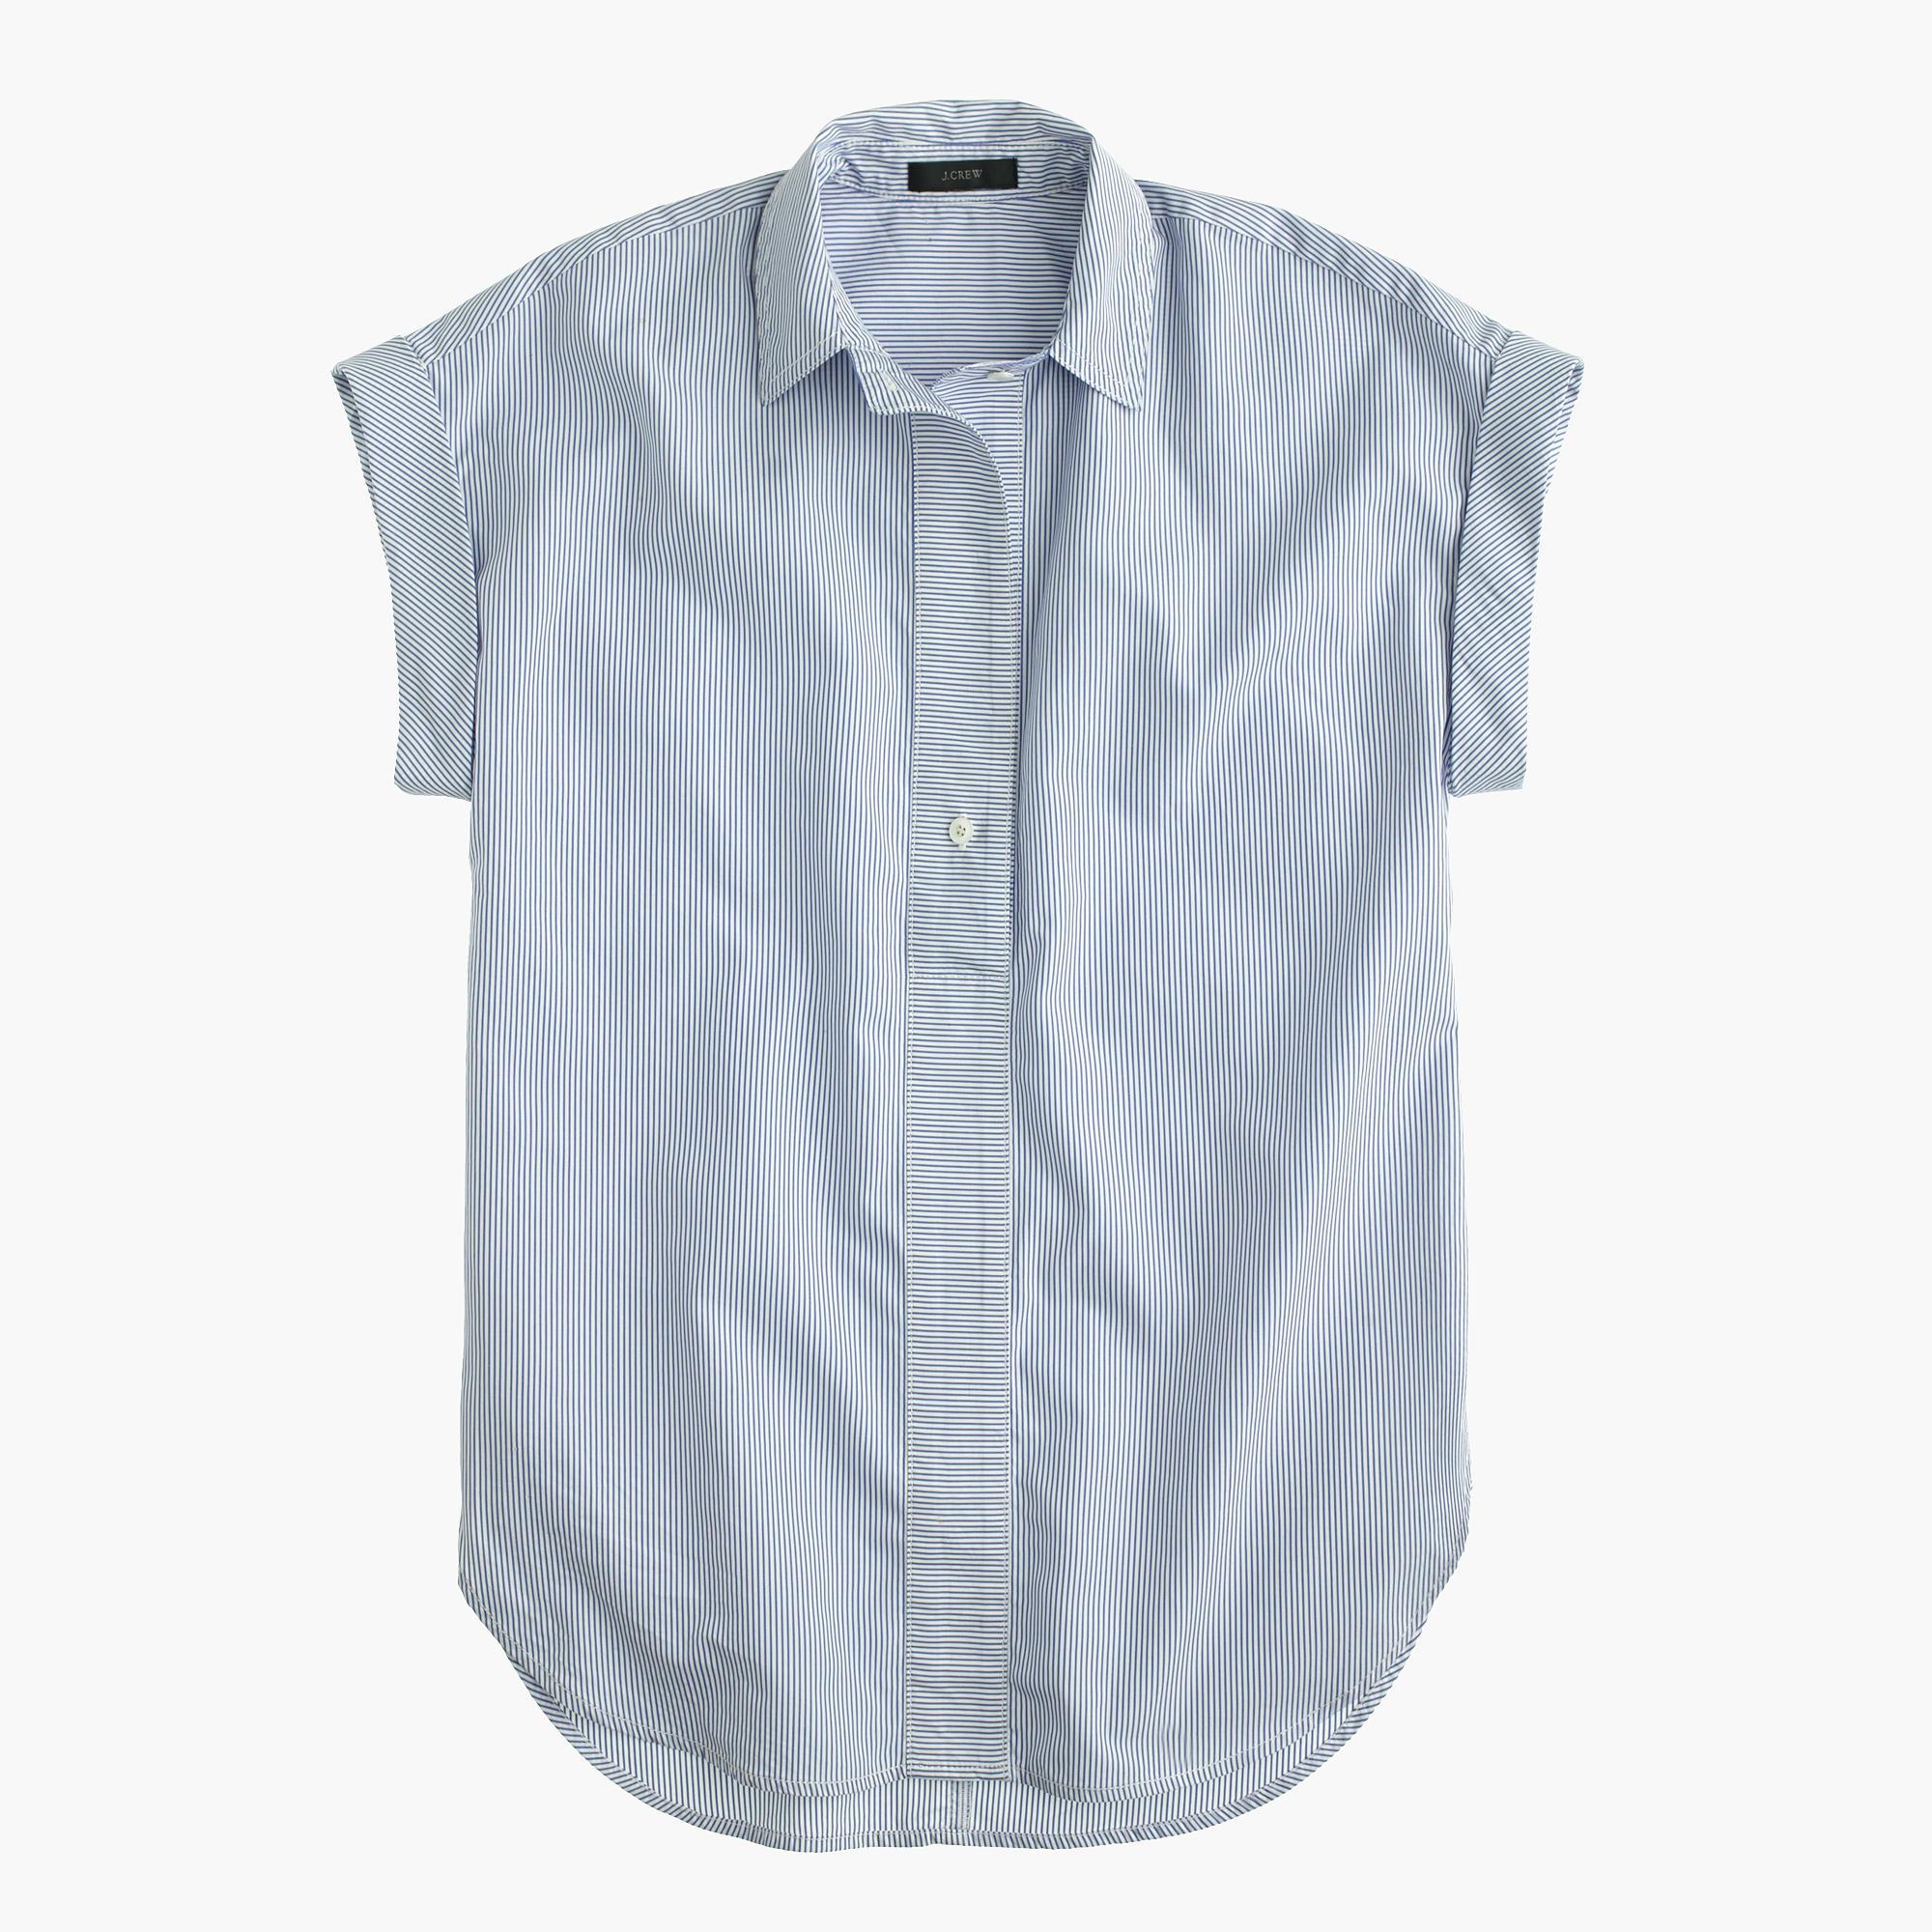 Petite Short Sleeve Popover Shirt In Stripe Women 39 S